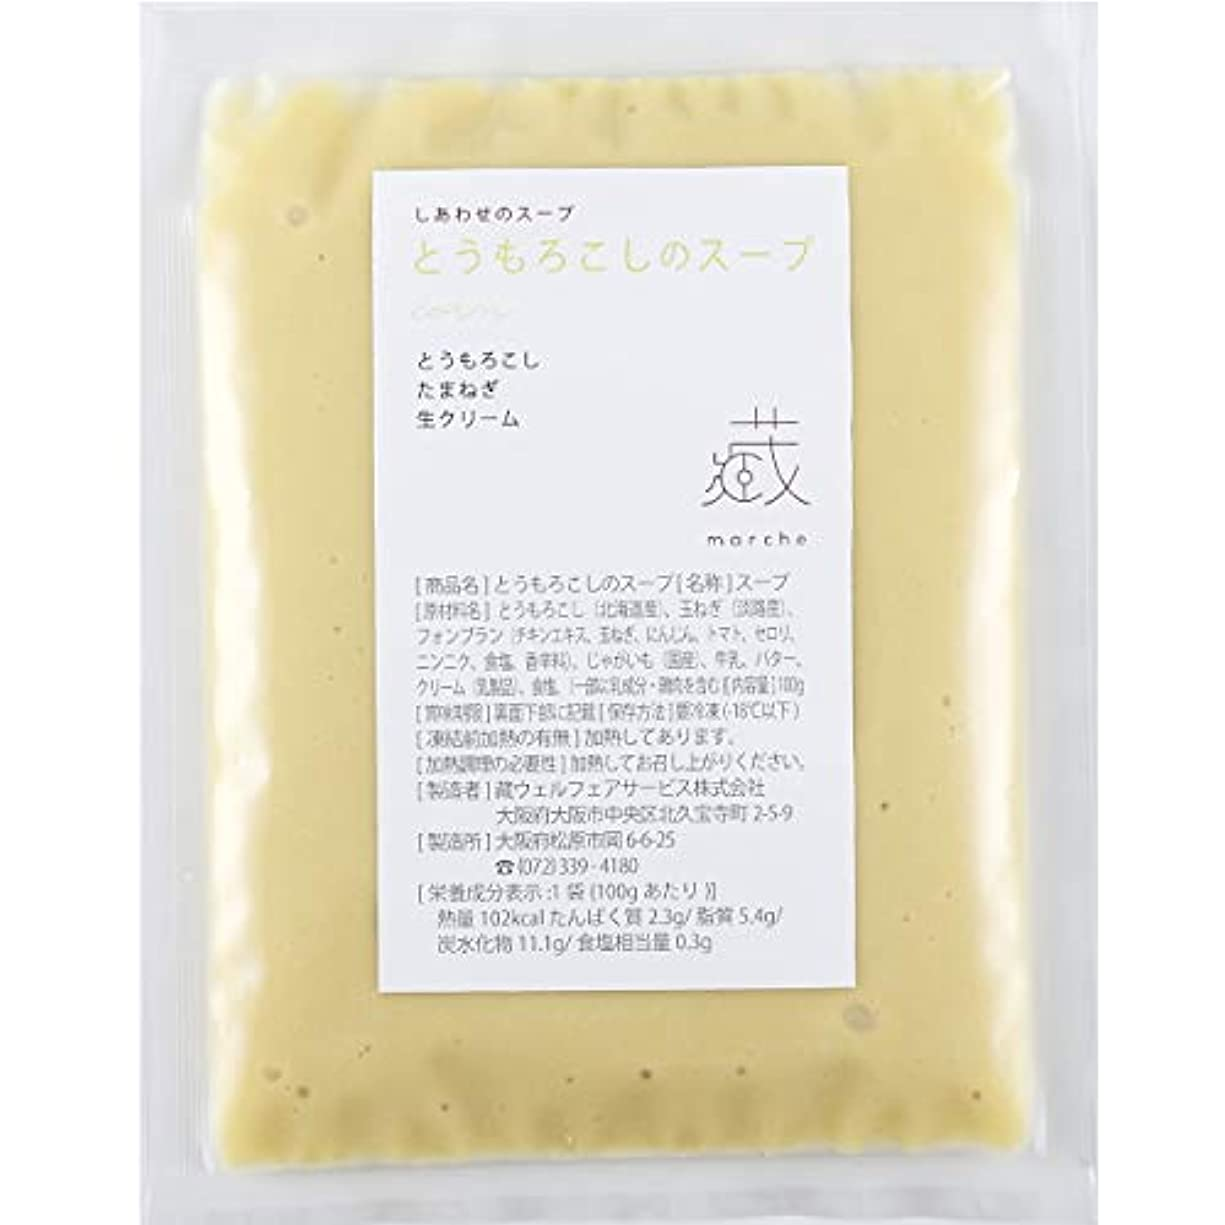 考えるキュービックオーストラリア人しあわせのスープ【とうもろこし】フランス料理日本代表シェフが作る 無添加スープ【 嚥下対応 】コーンスープ